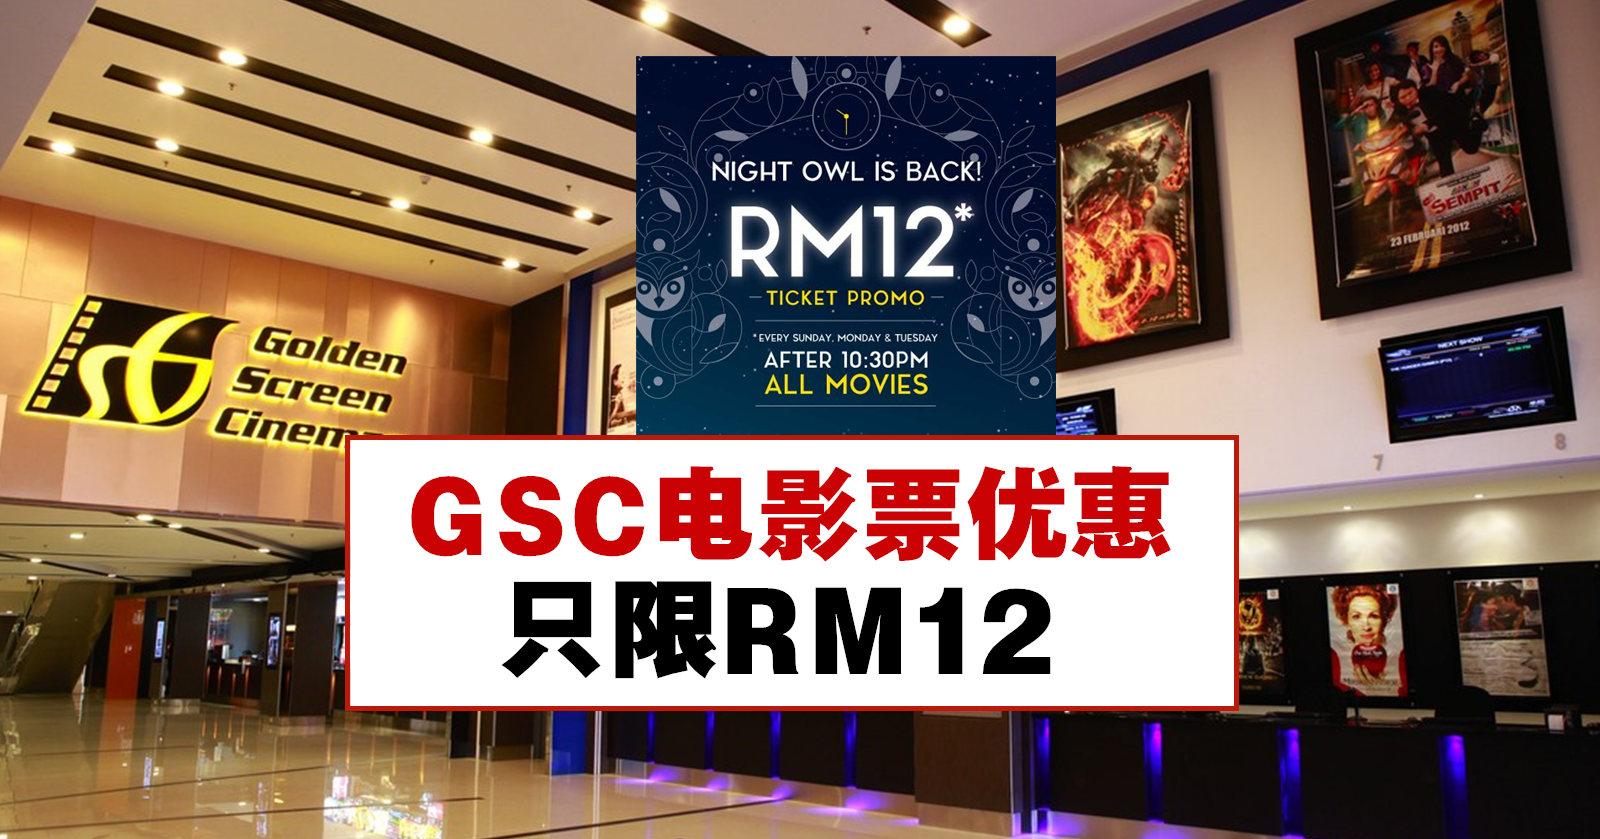 GSC电影票优惠,只限RM12